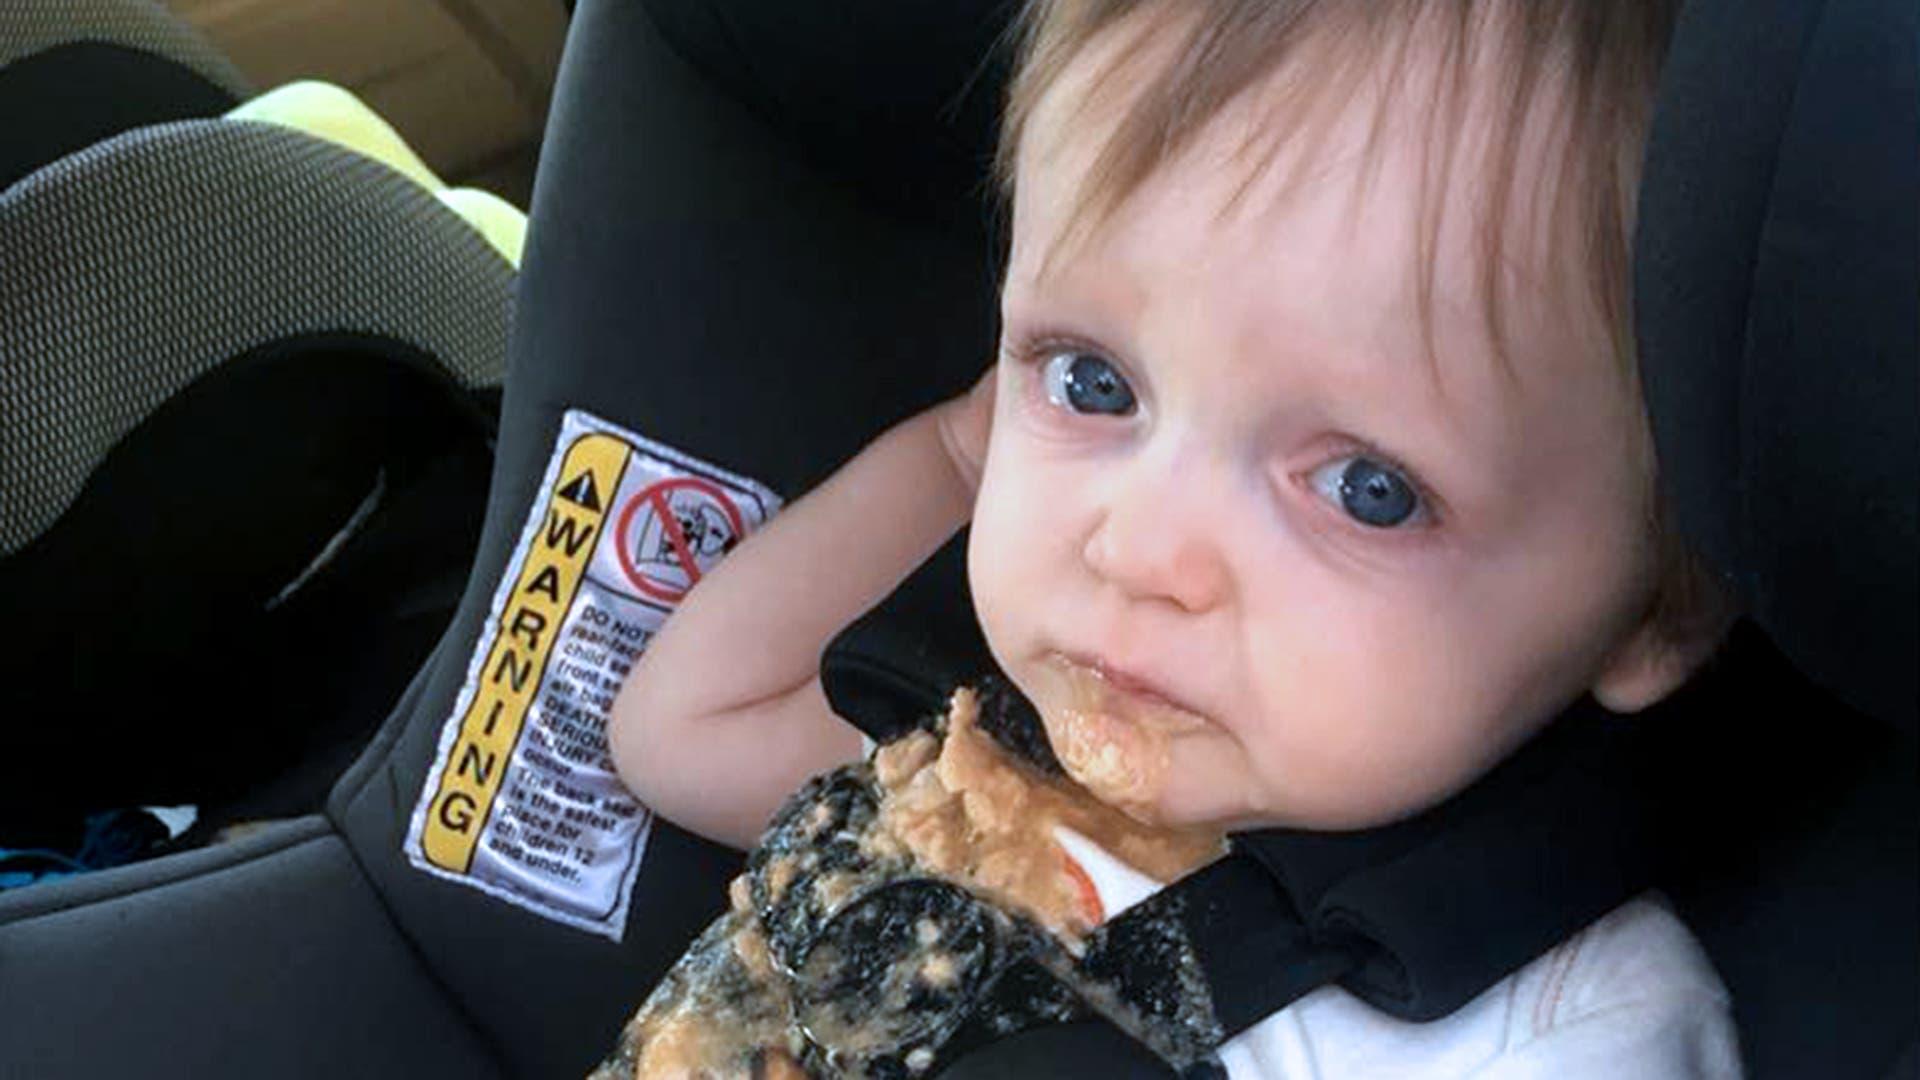 Toddler Throwing Up In Car Seat